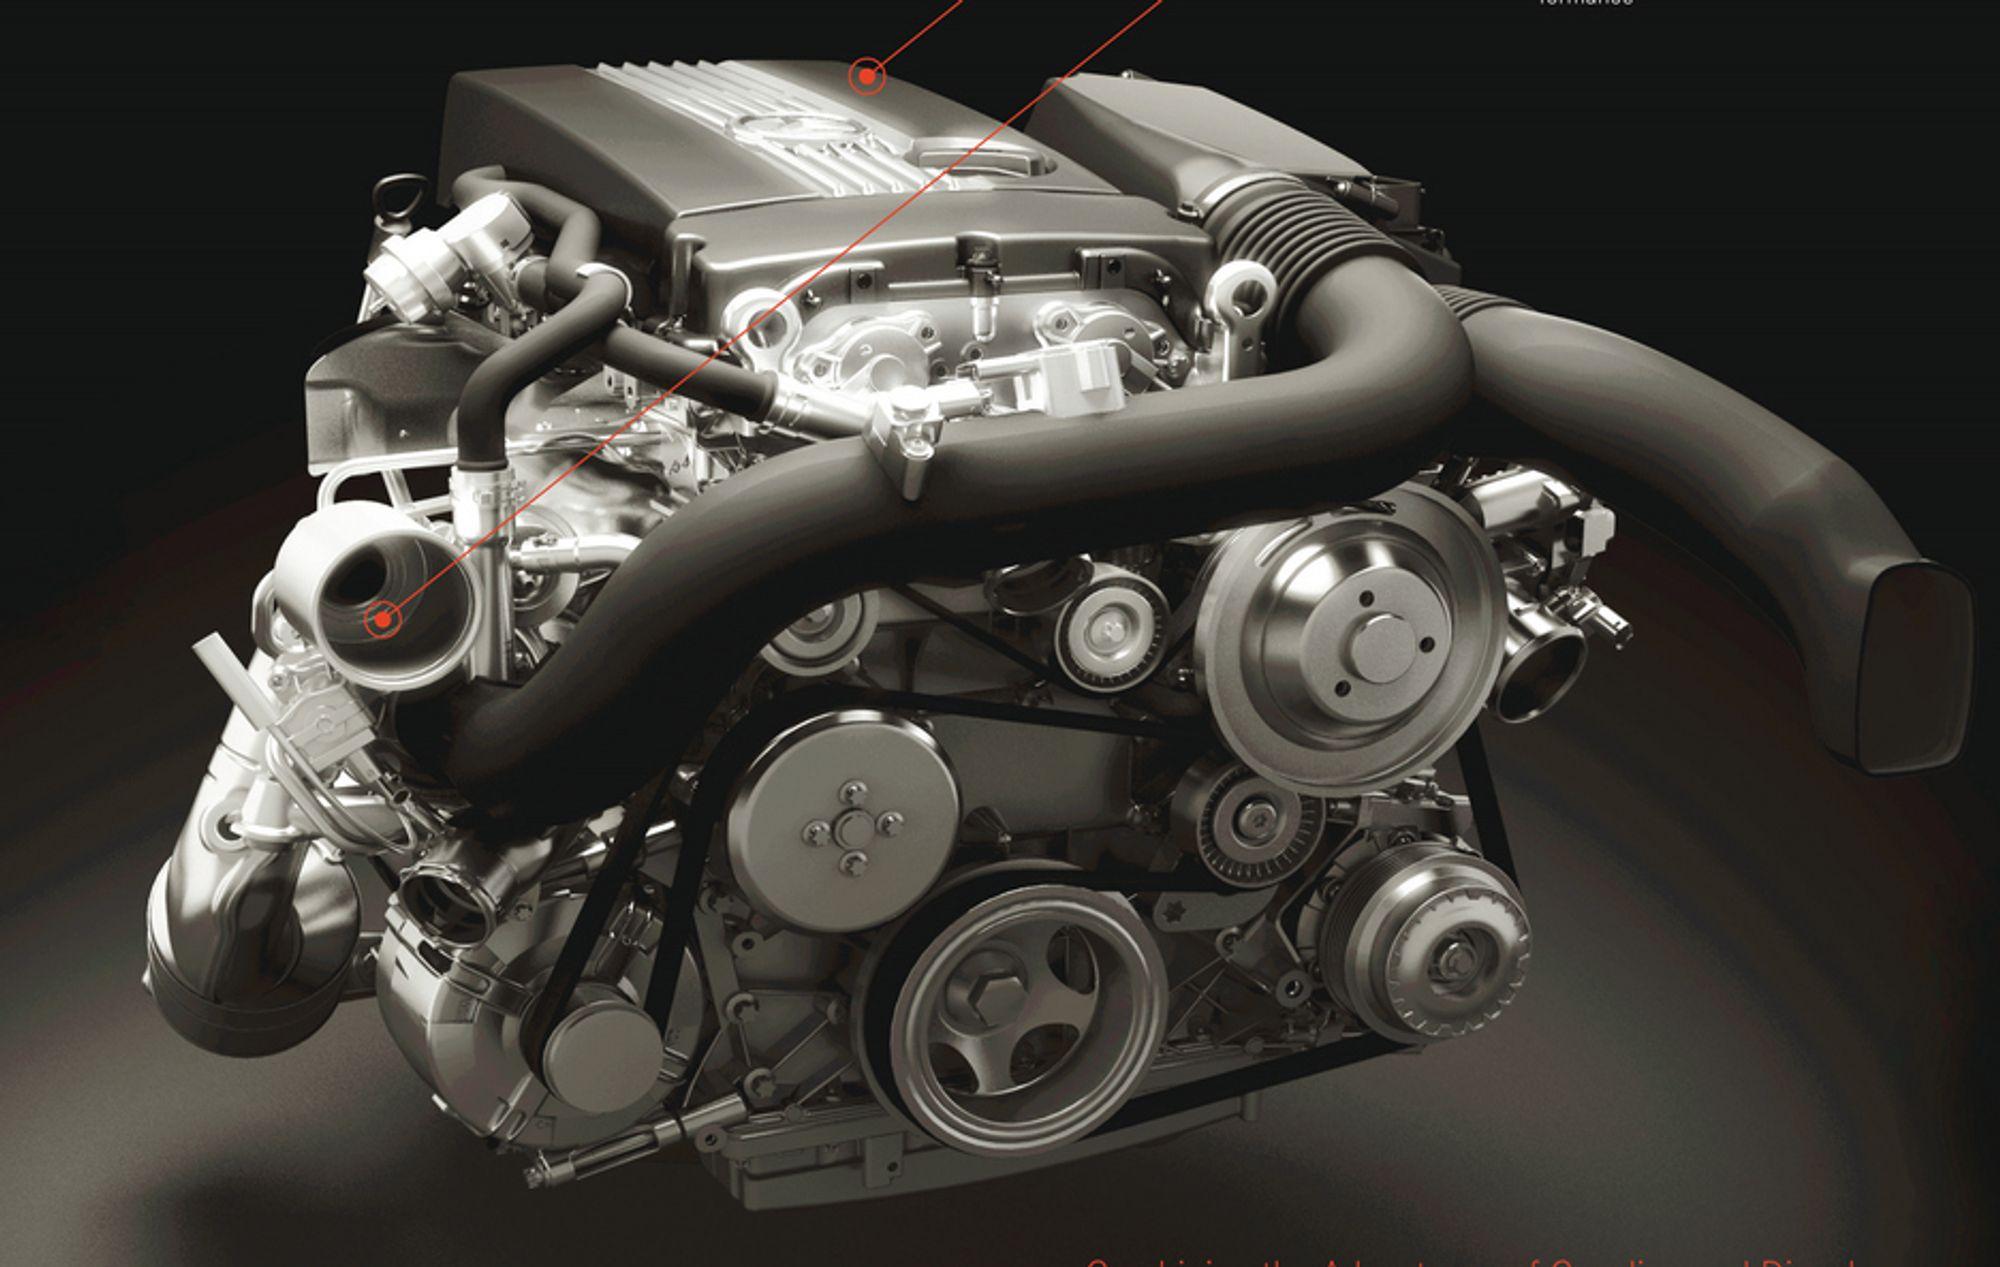 DIESOTTO: Mercedes har laget en bensinmotor som kan selvantenne med høy kompresjon omtrent som en dieselmotor. Den bruker tennplugger på lavt turtall, men på høyere turtall økes  kompresjonsforholdet ved å heve veivakselen.